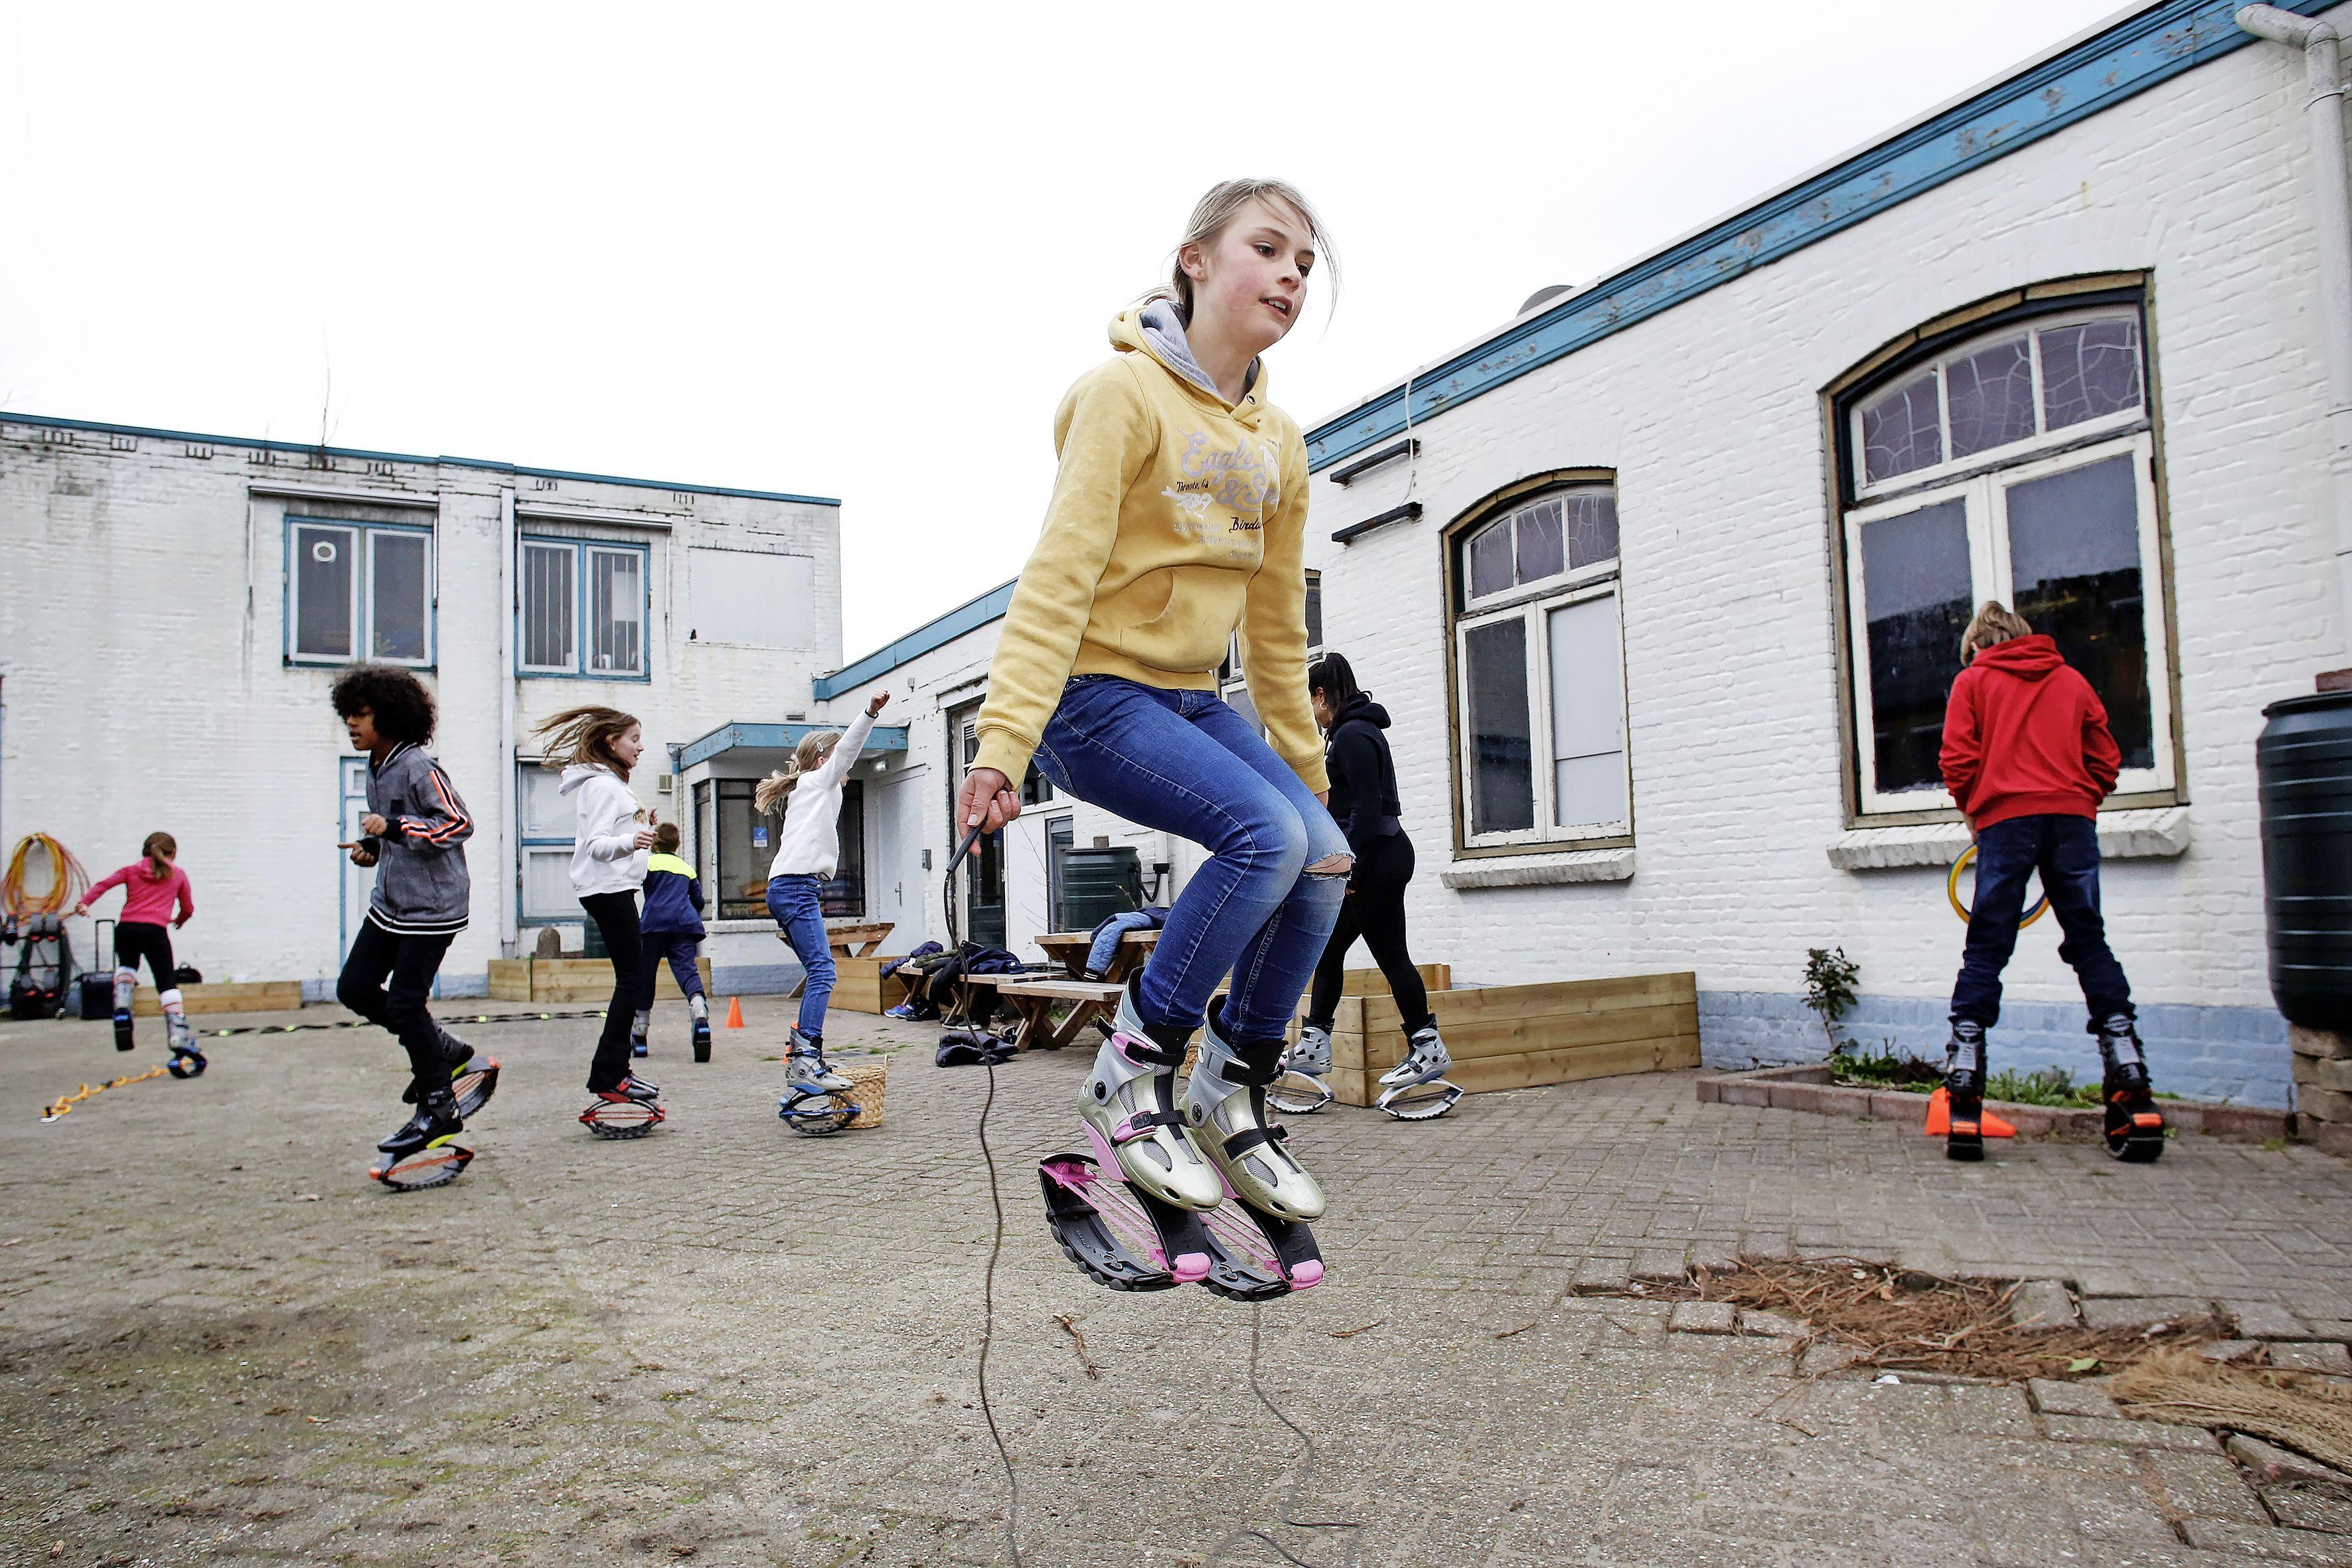 Springen als een kangoeroe bij Vonk in Hilversum voor '30 dagen gezonder'-challenge